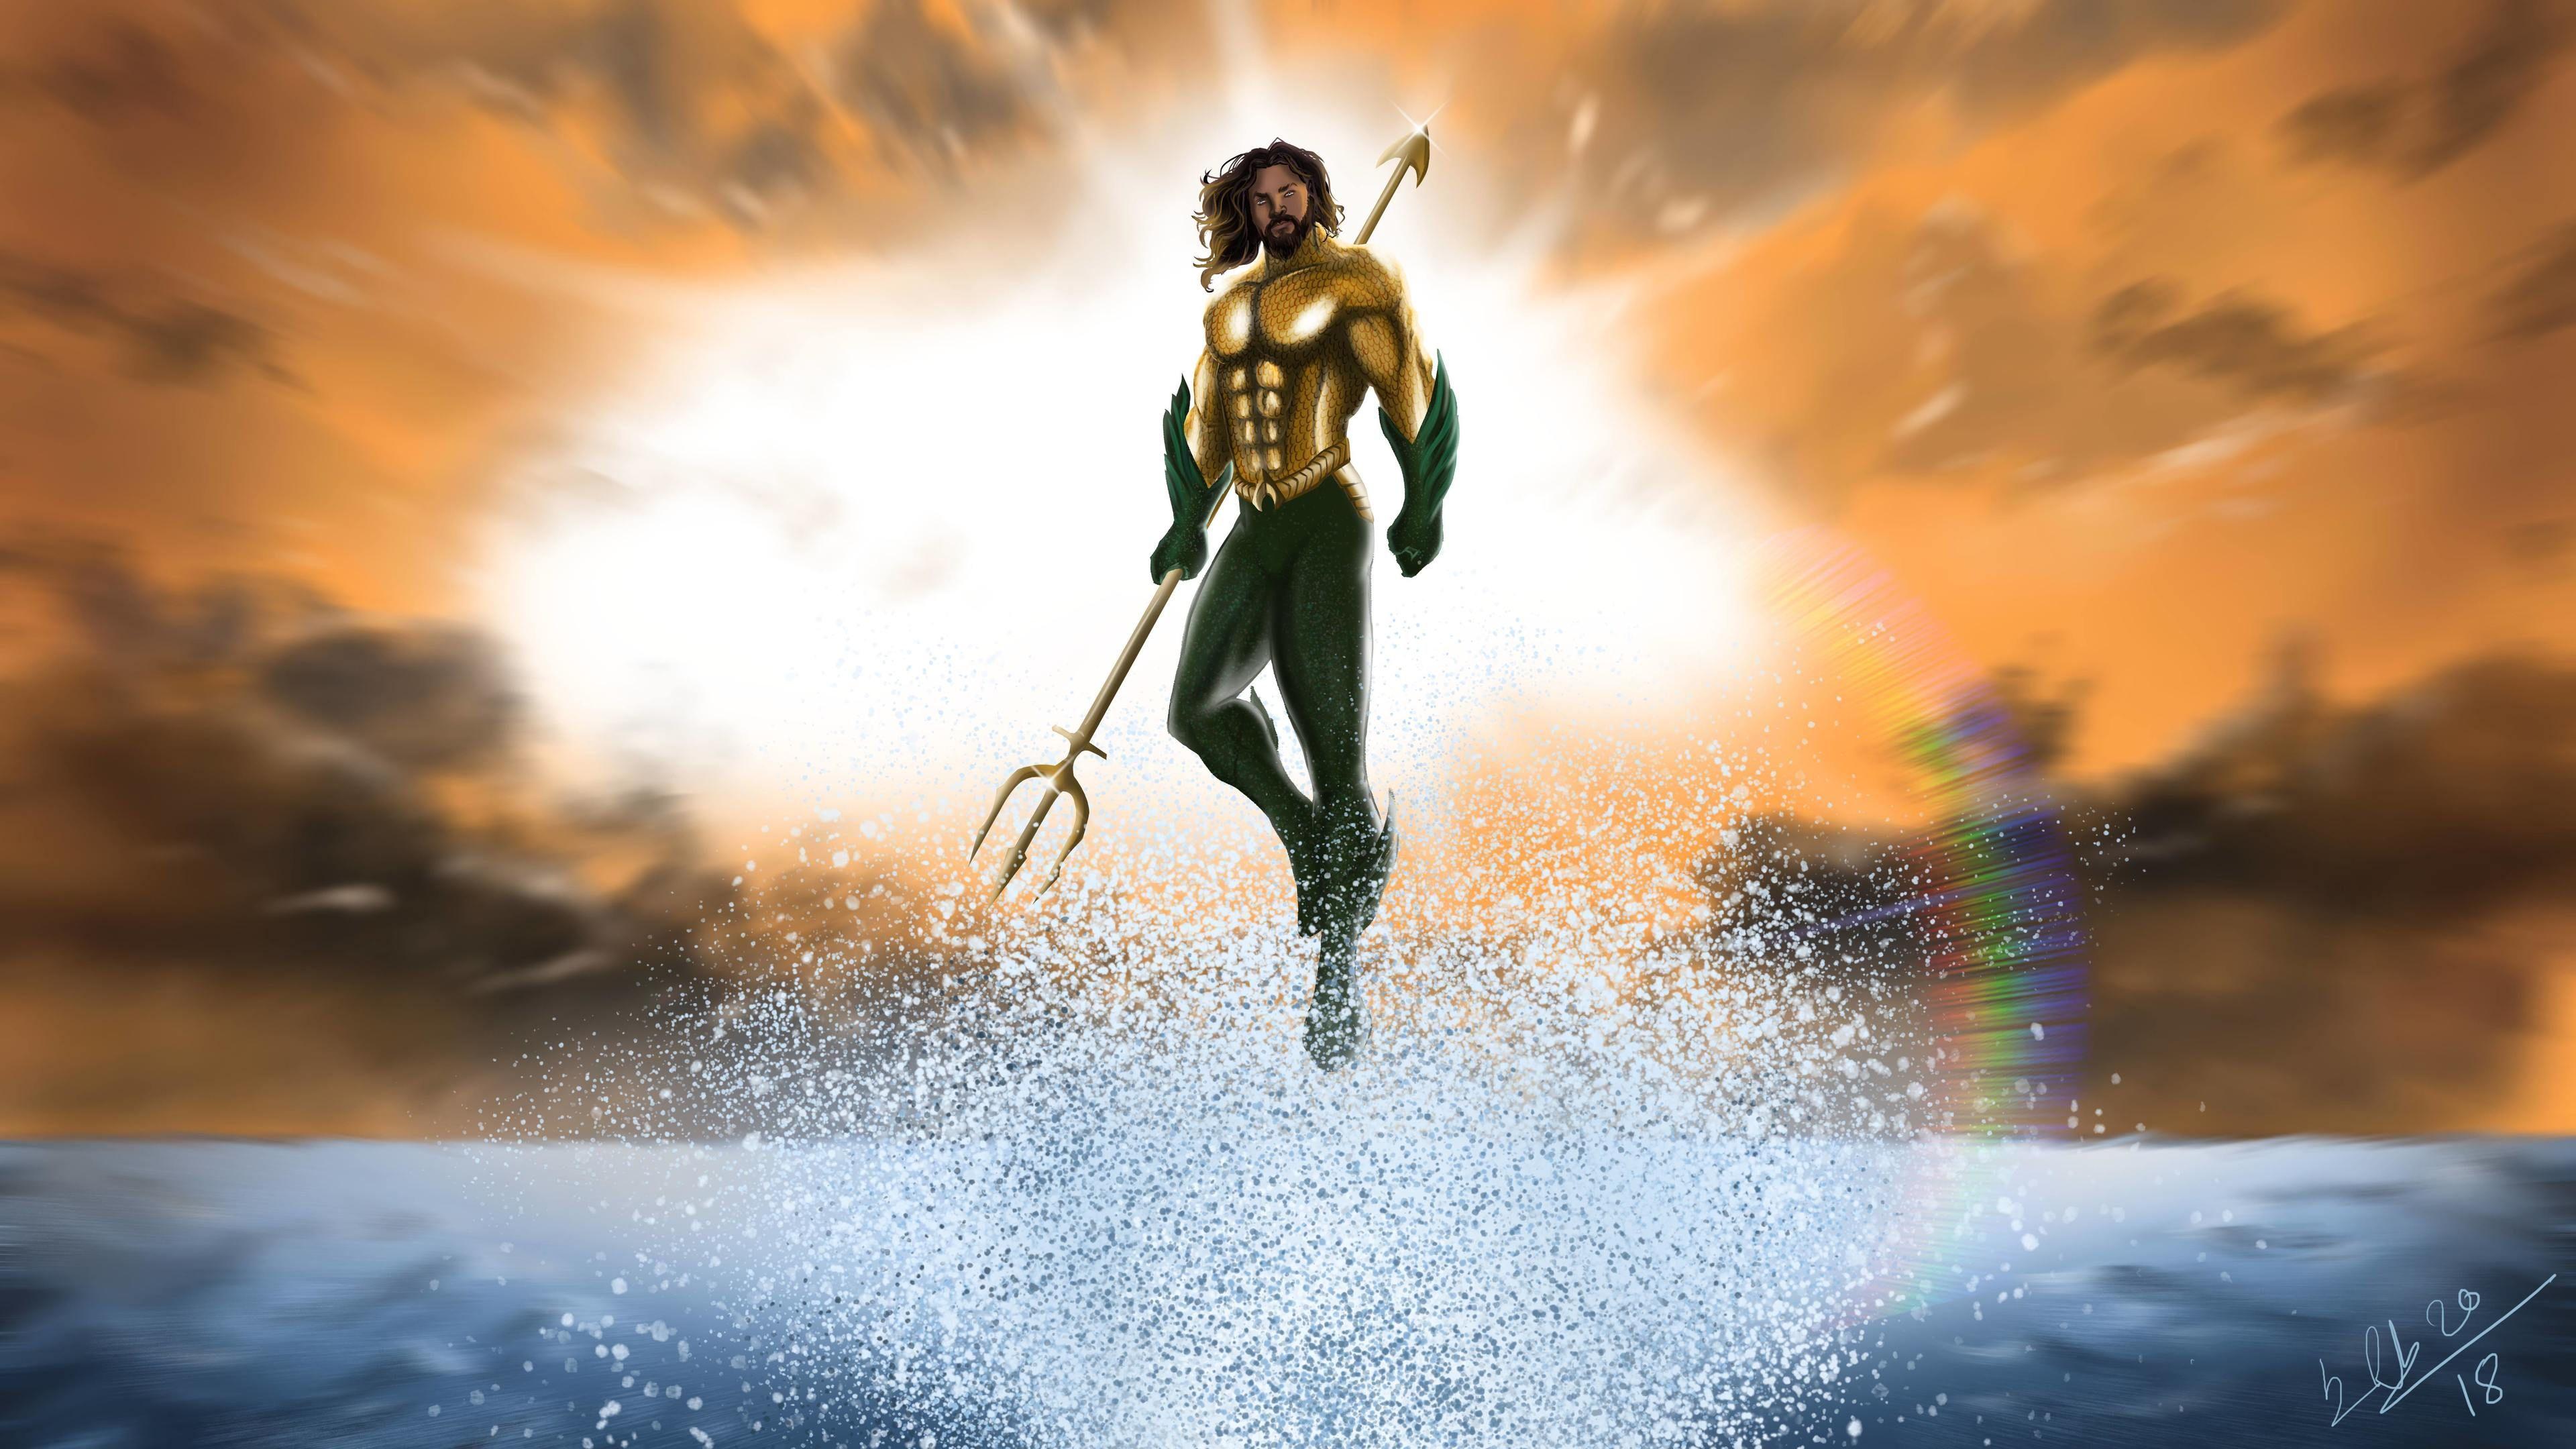 Aquaman Wallpaper Hd 4k